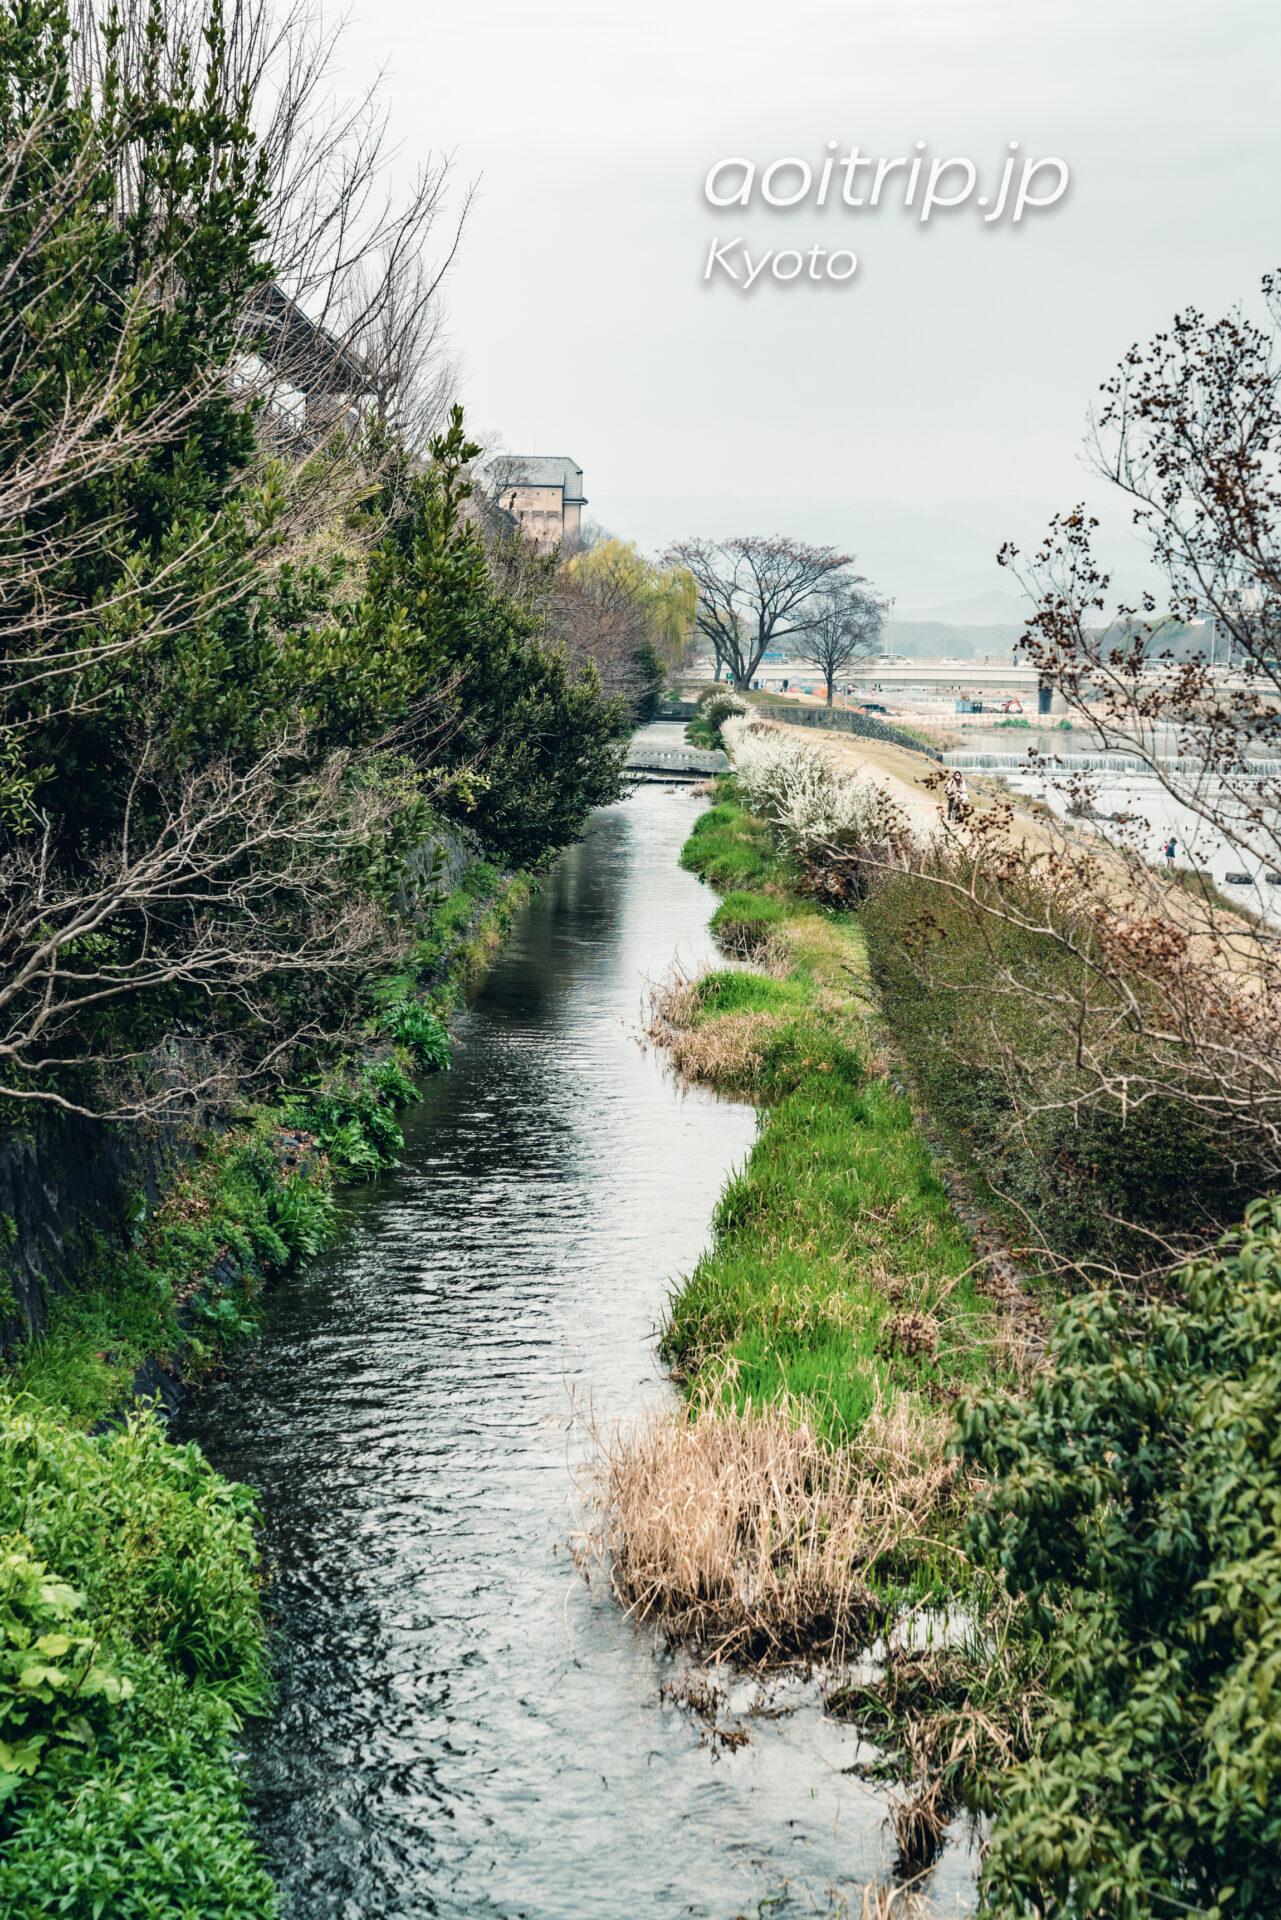 ザ リッツカールトン京都の東側を流れる鴨川